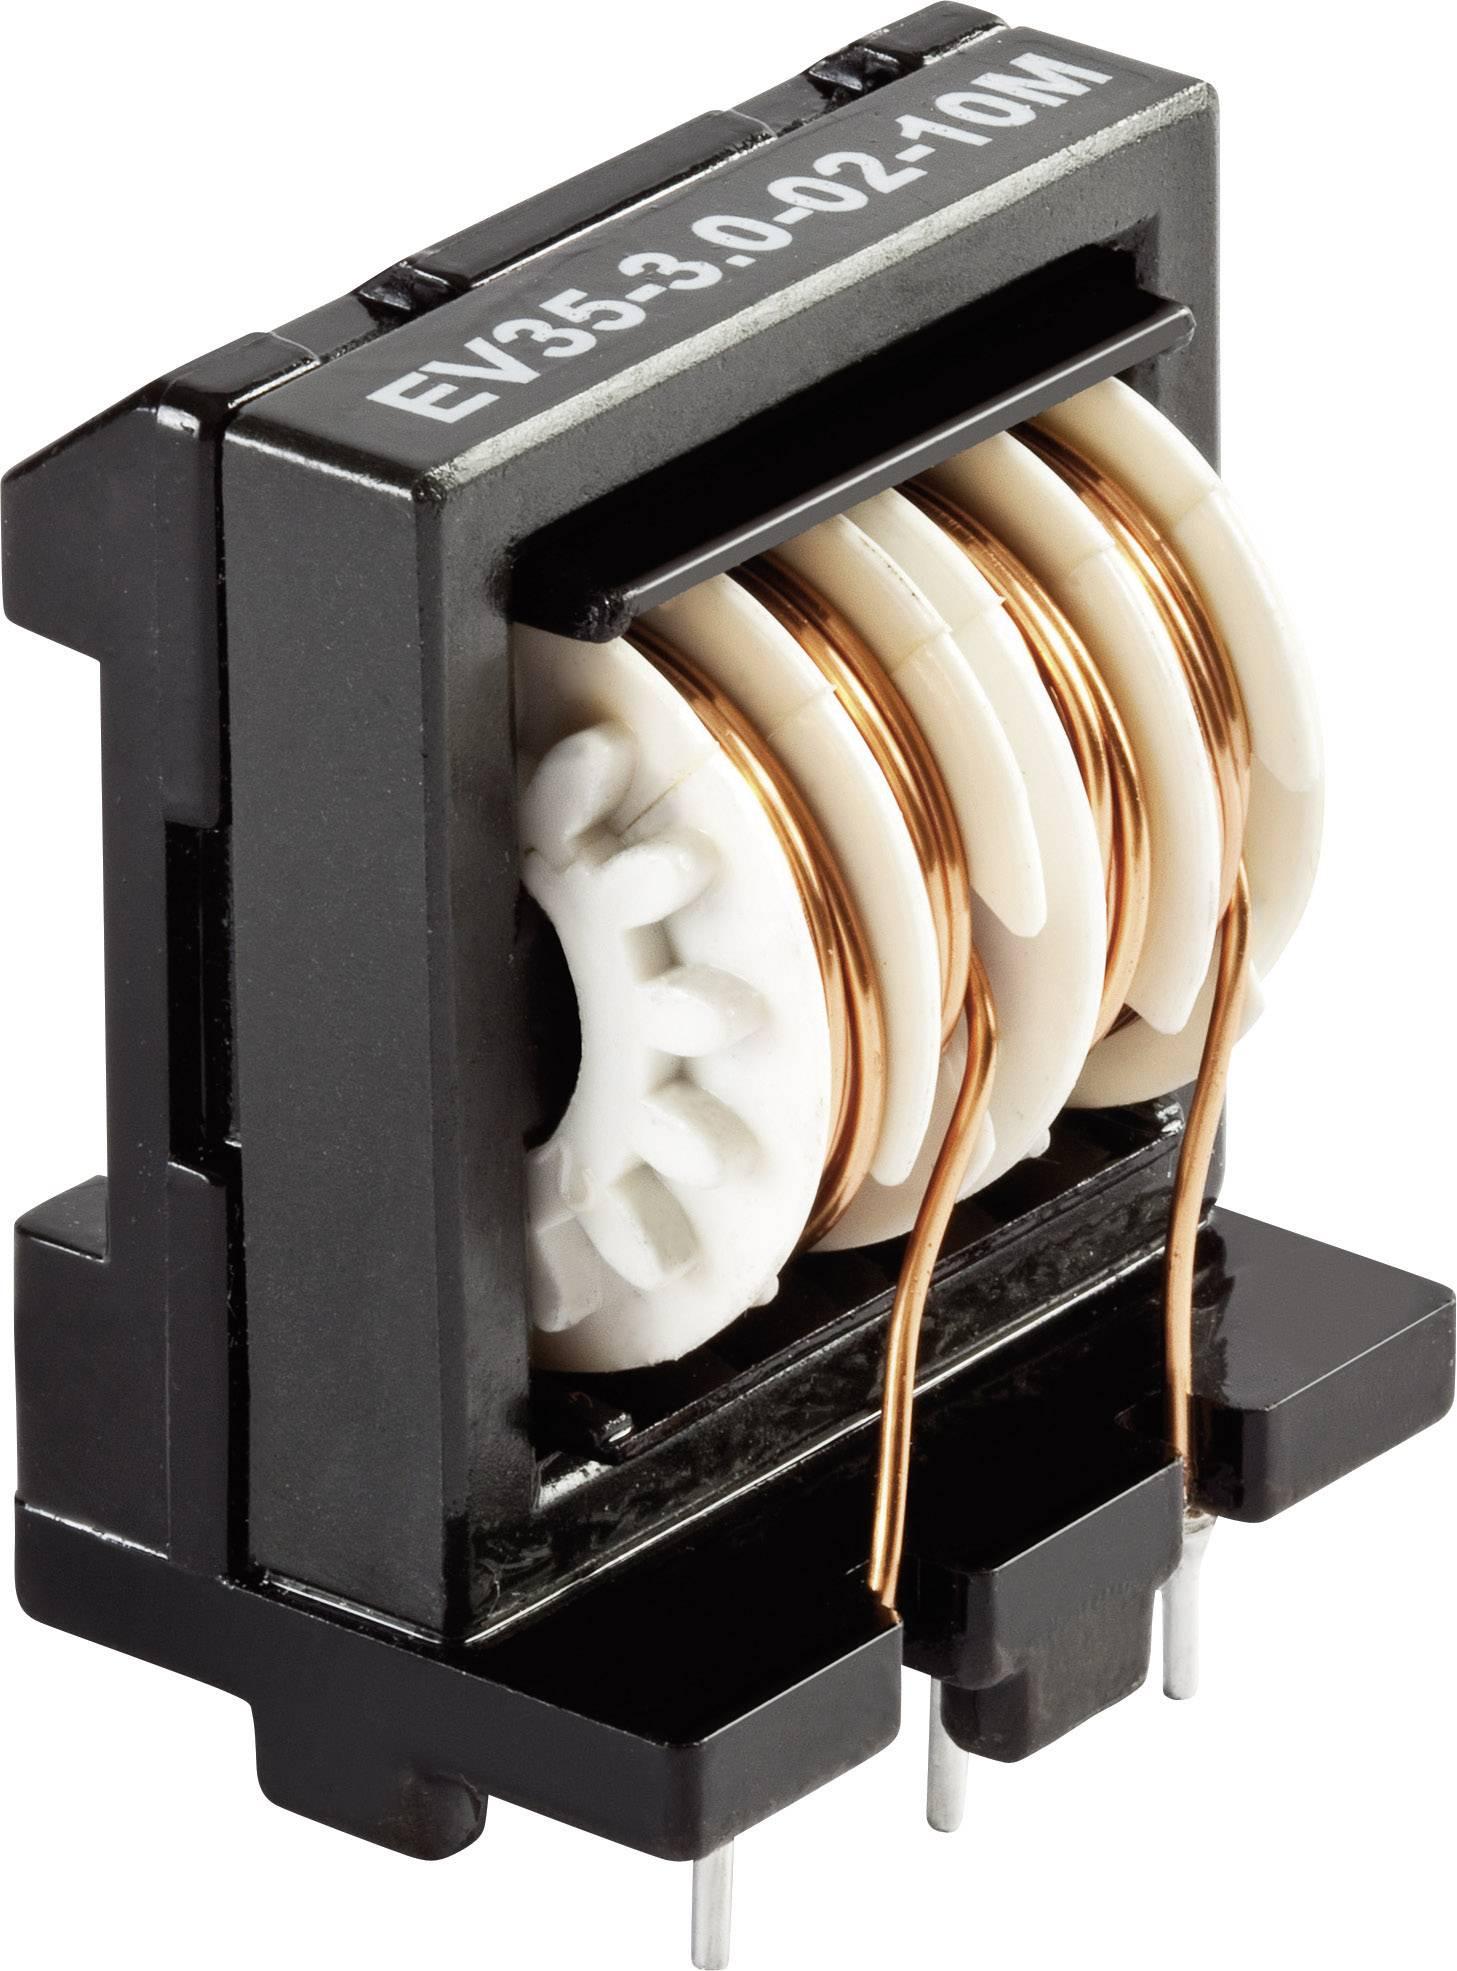 Odrušovací filter Schaffner EV20-1,0-02-3M9 EV20-1,0-02-3M9, 250 V/AC, 1 A, 3.9 mH, (d x š x v) 21 x 16 x 25 mm, 1 ks